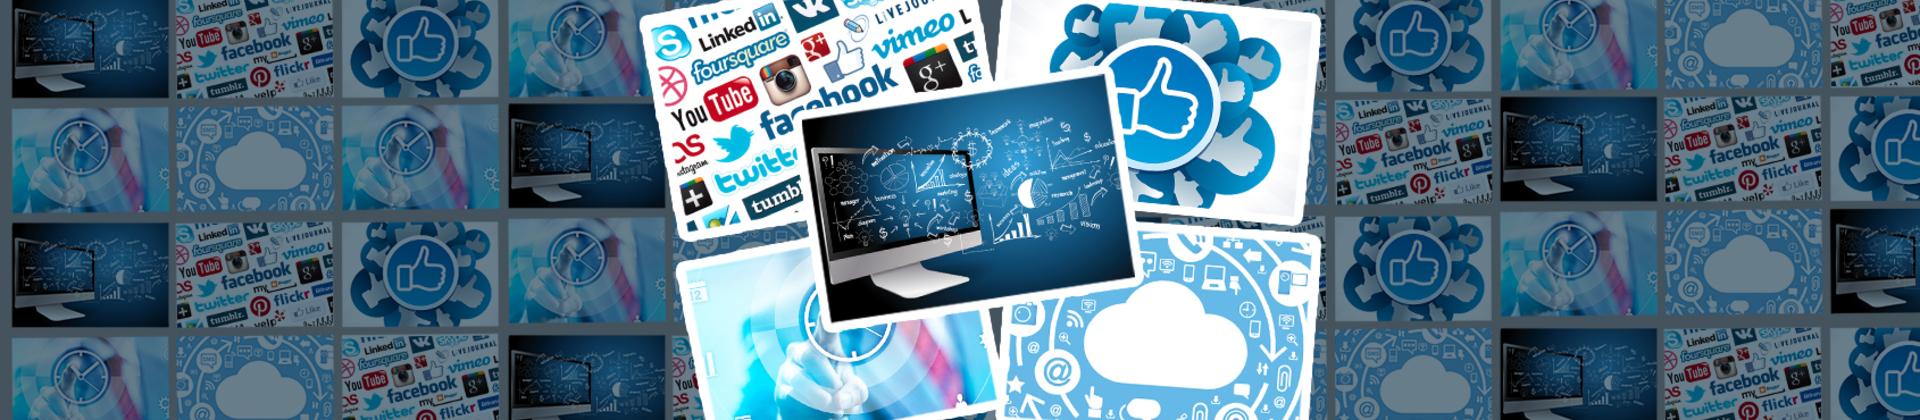 #<School:0x007f5754ec3238>-BMS Gestão Digital - Pacote com 5 cursos da BMS